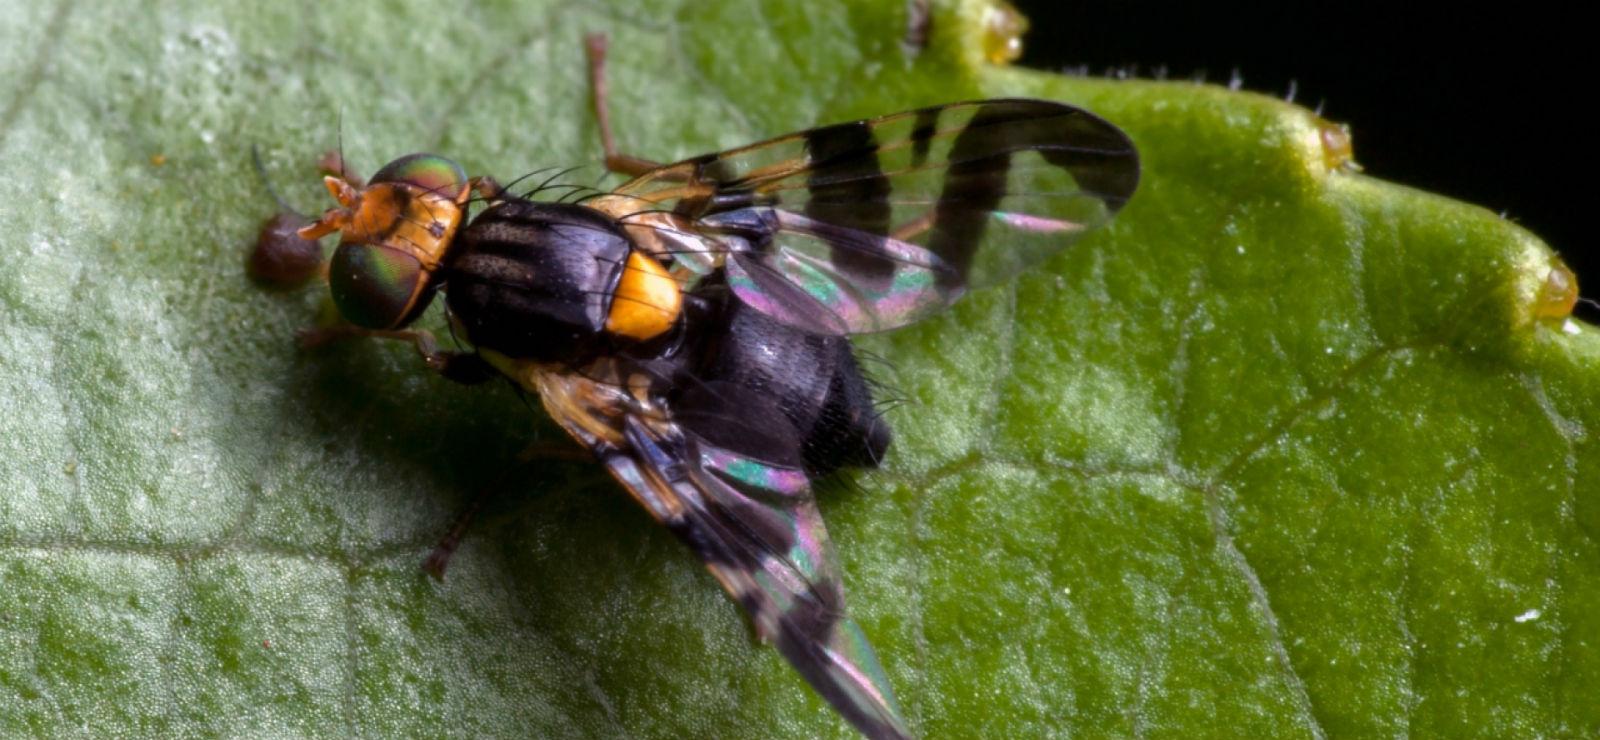 Вишневая муха: профилактика и средства борьбы